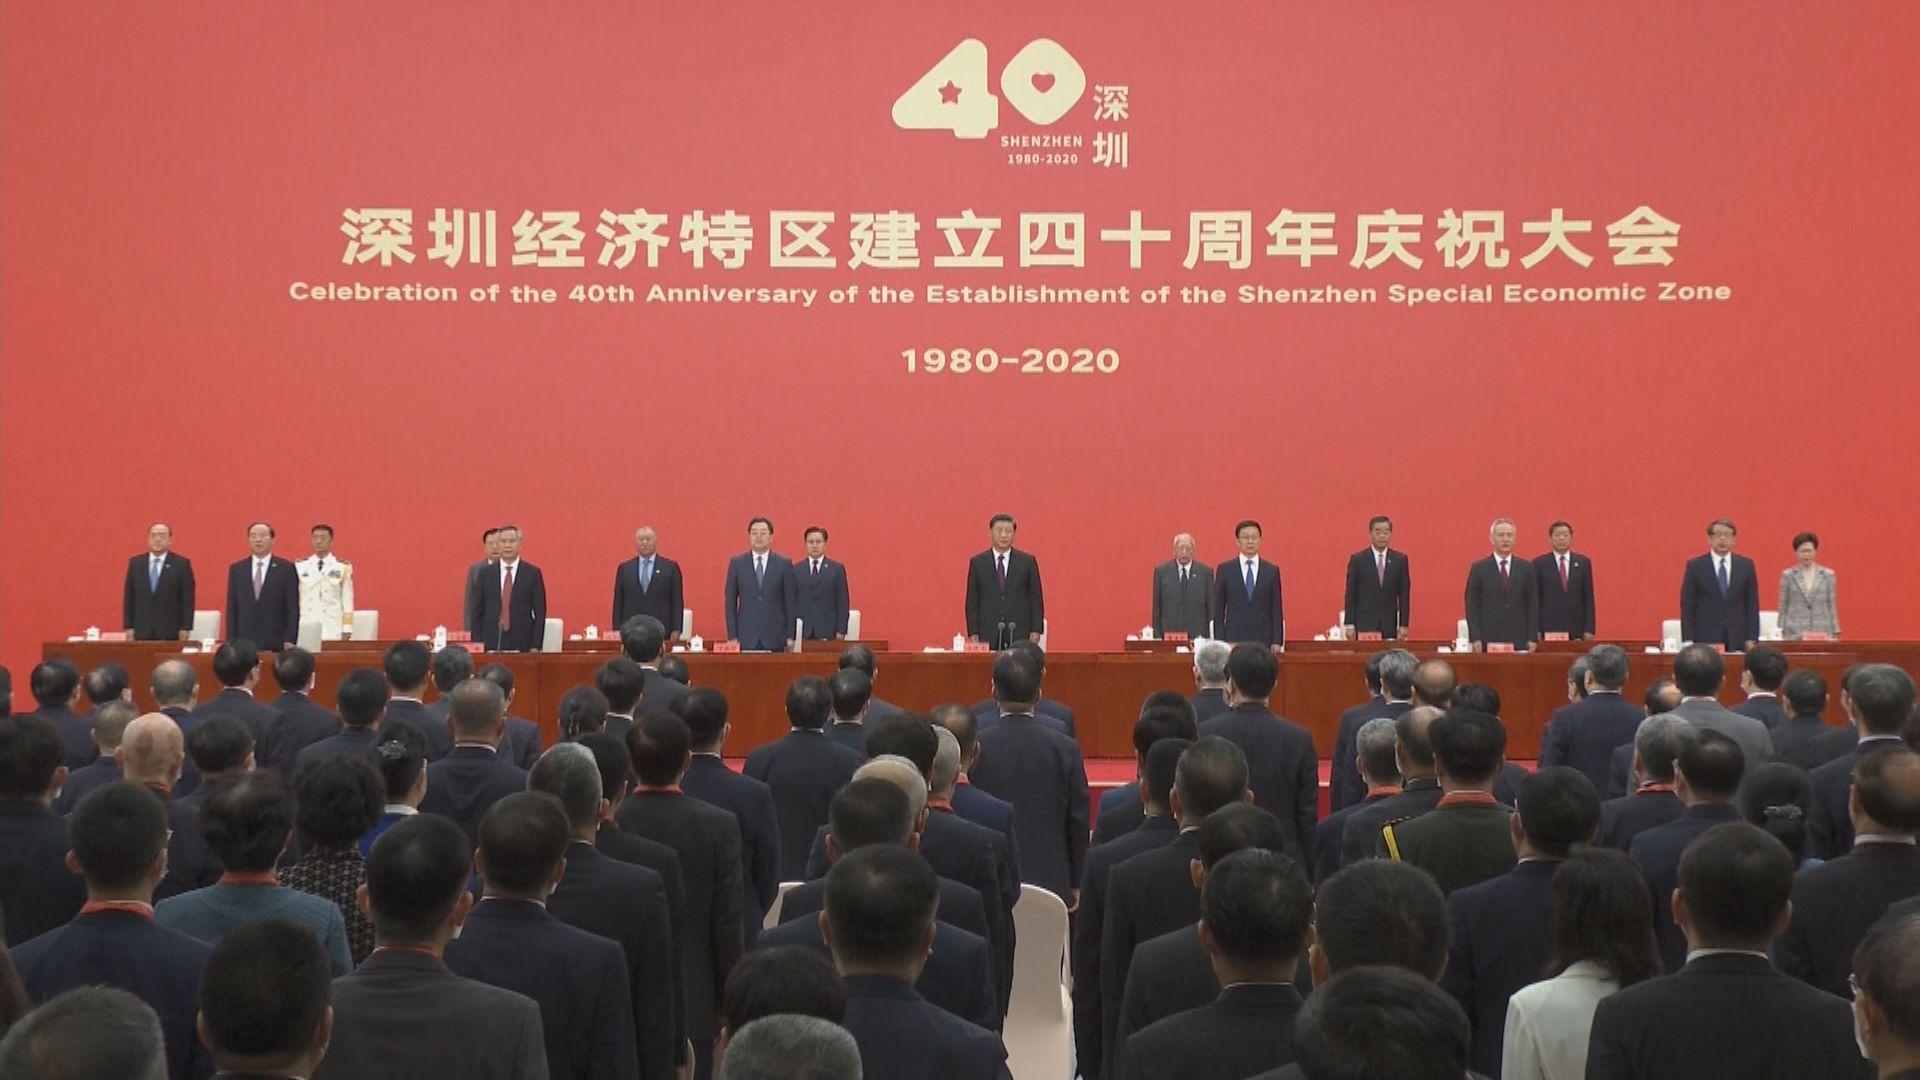 【全文】習近平於深圳經濟特區建立40周年慶祝大會講話(一)